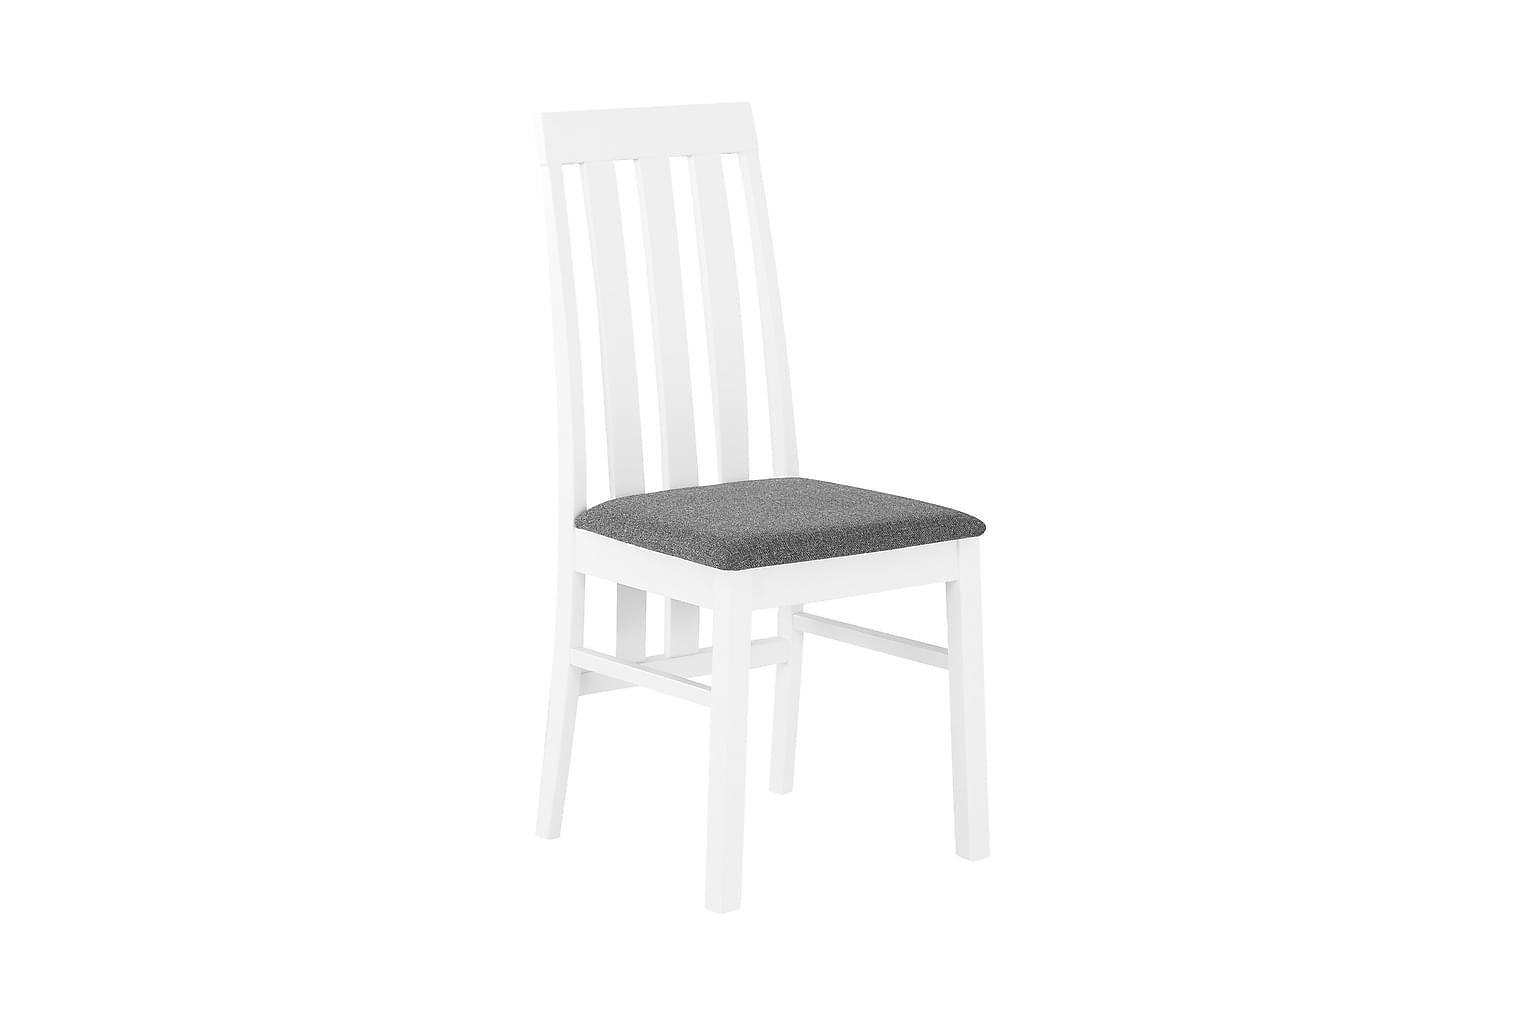 BORGHOLM Tuoli Valkoinen/Harmaa